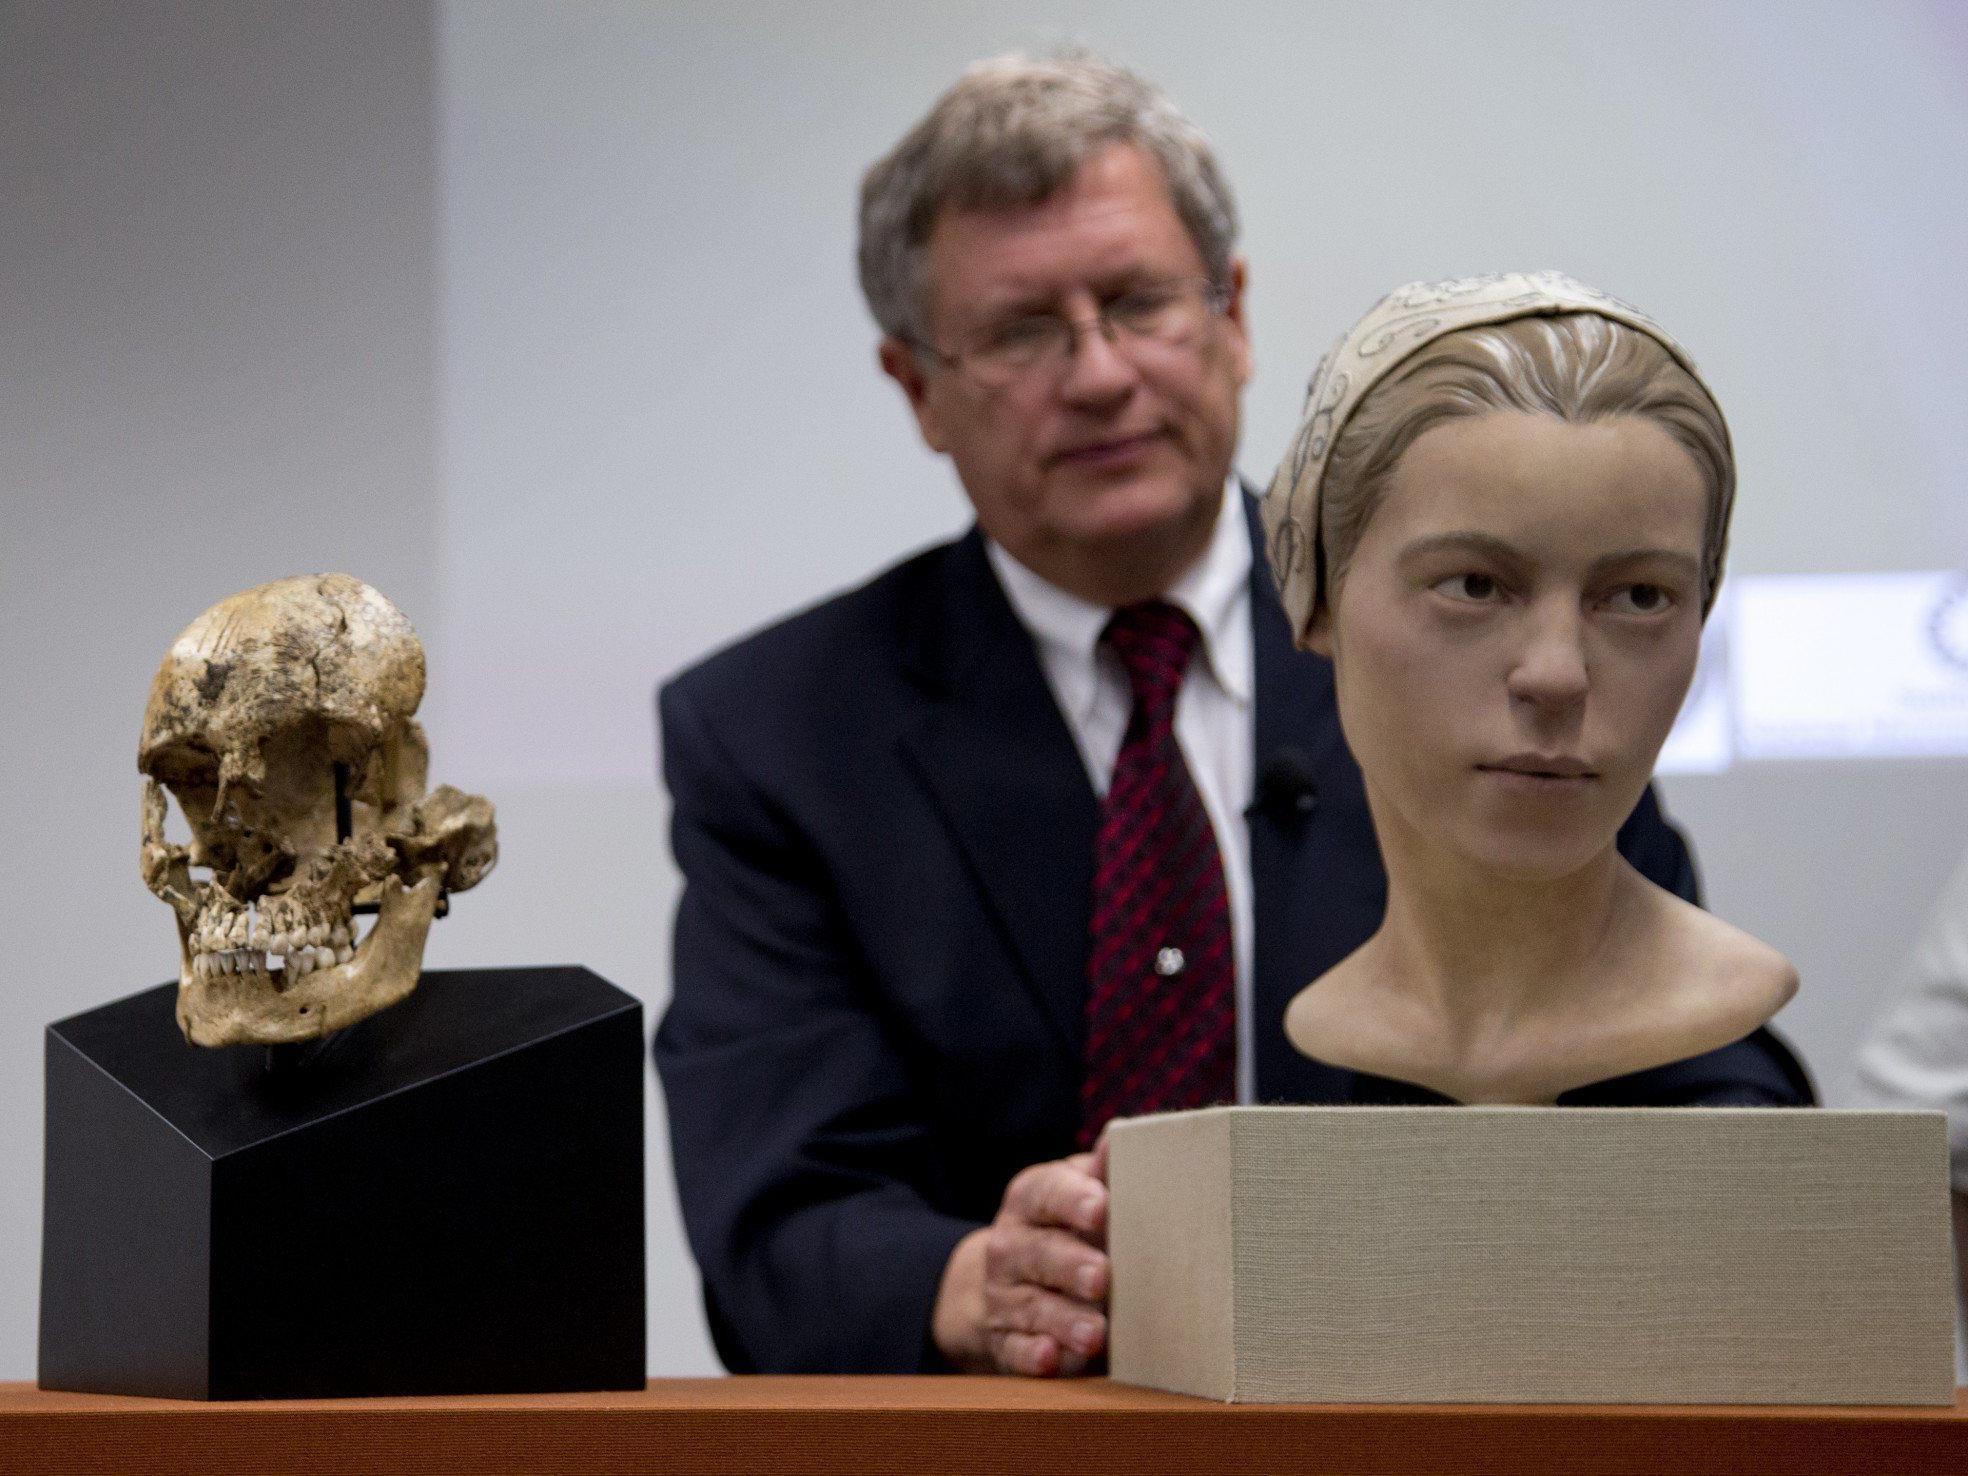 Ergebnis von kriminaltechnischer Untersuchung von Knochen eines 14-jährigen Mädchens: Siedler waren Kannibalen.